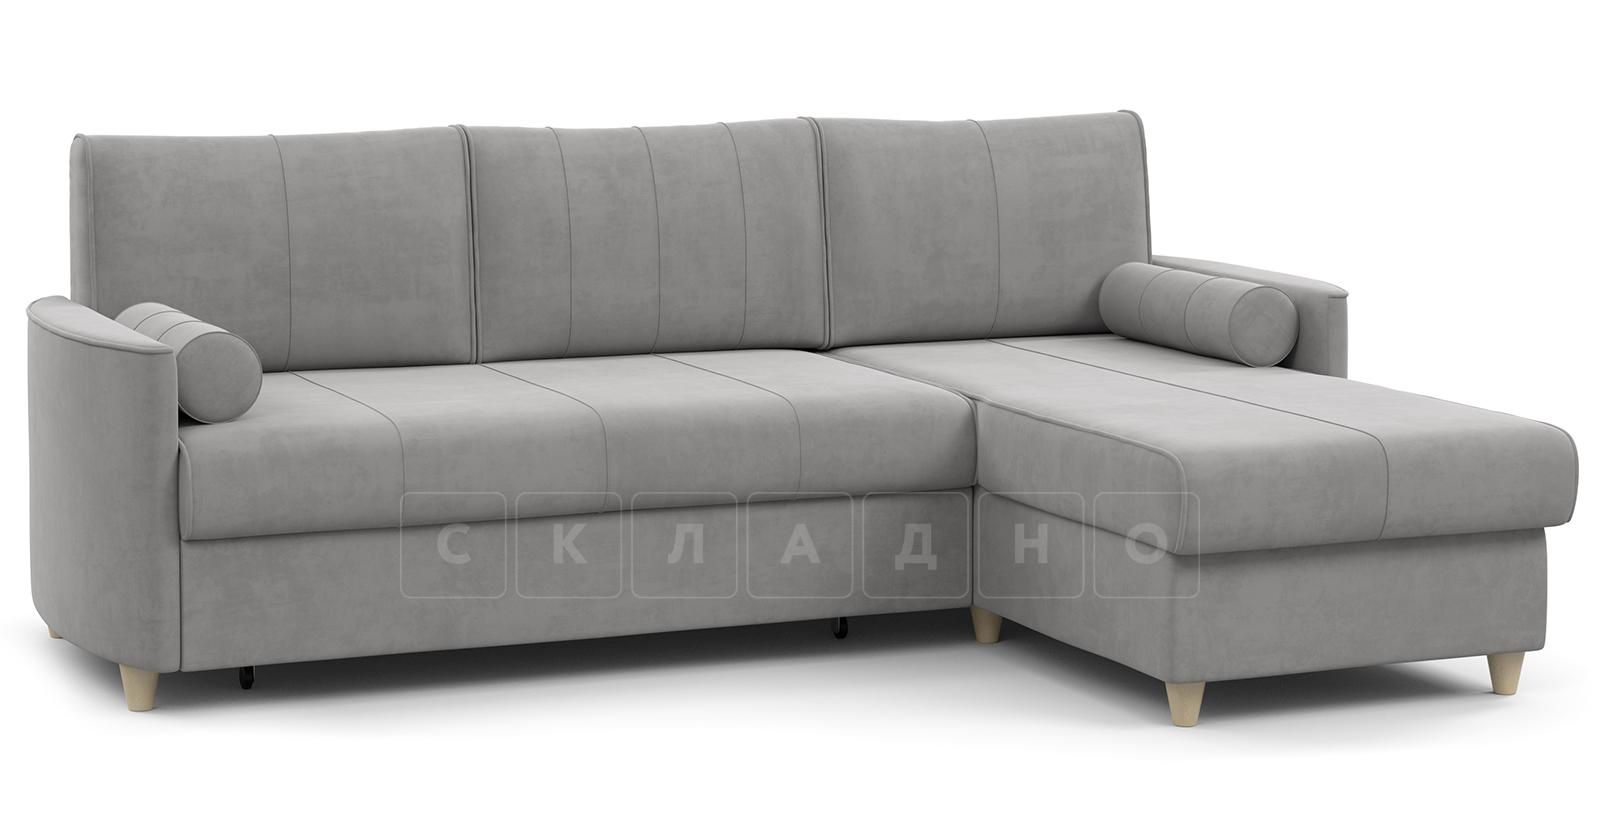 Угловой диван Лорен серебристый серый фото 1 | интернет-магазин Складно